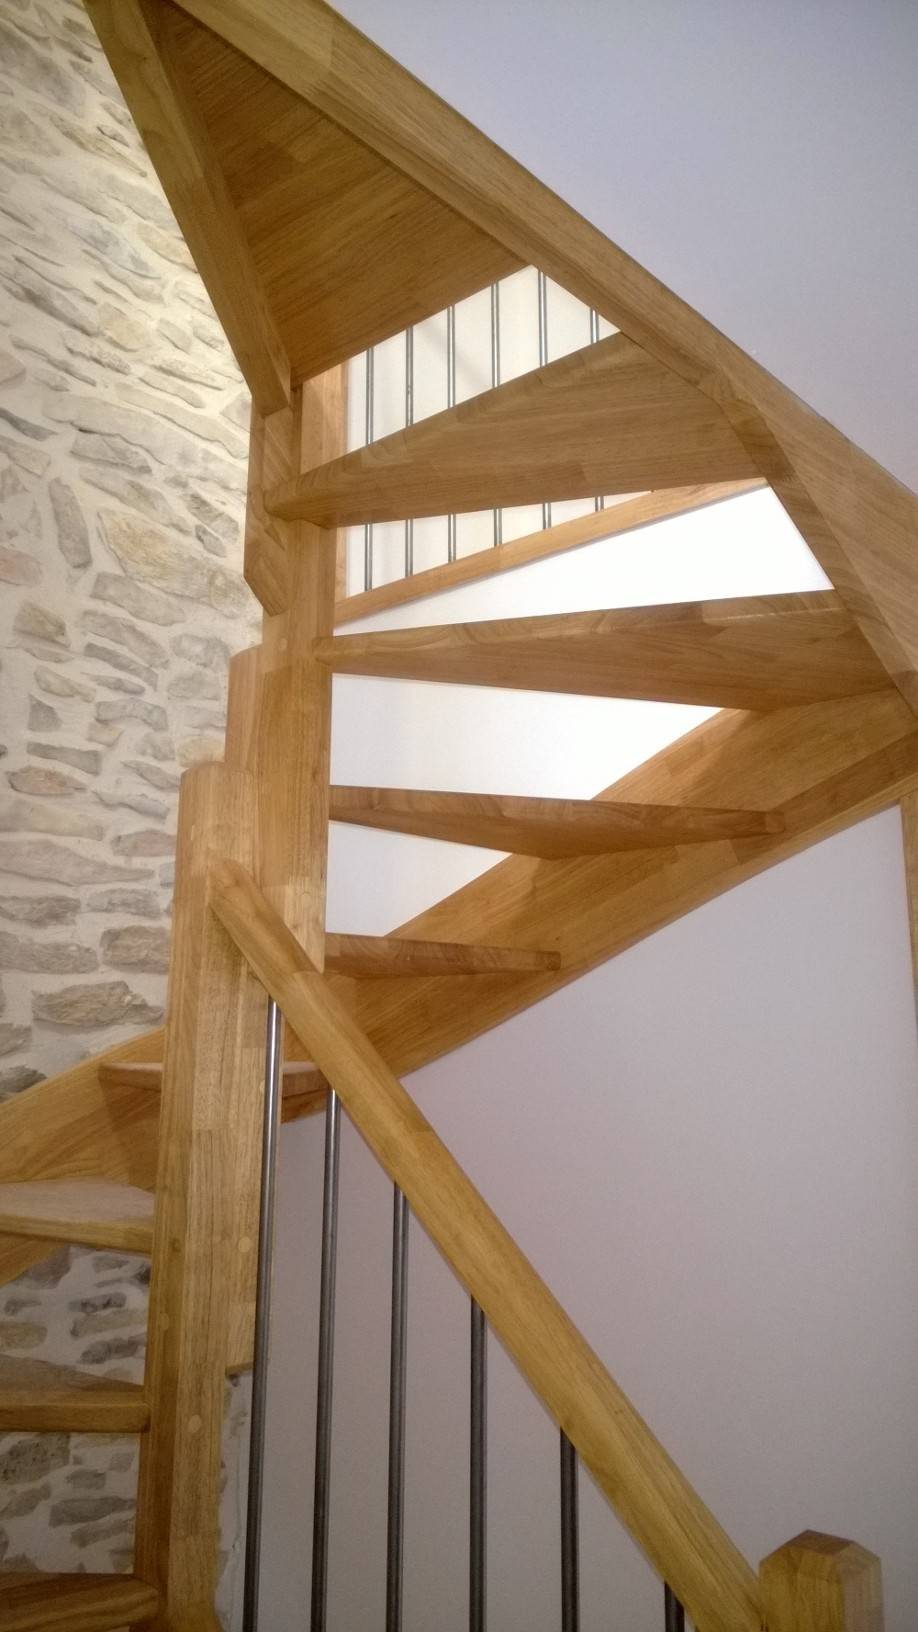 escalier bois 3 4 tournant b ziers 34 atelier des. Black Bedroom Furniture Sets. Home Design Ideas